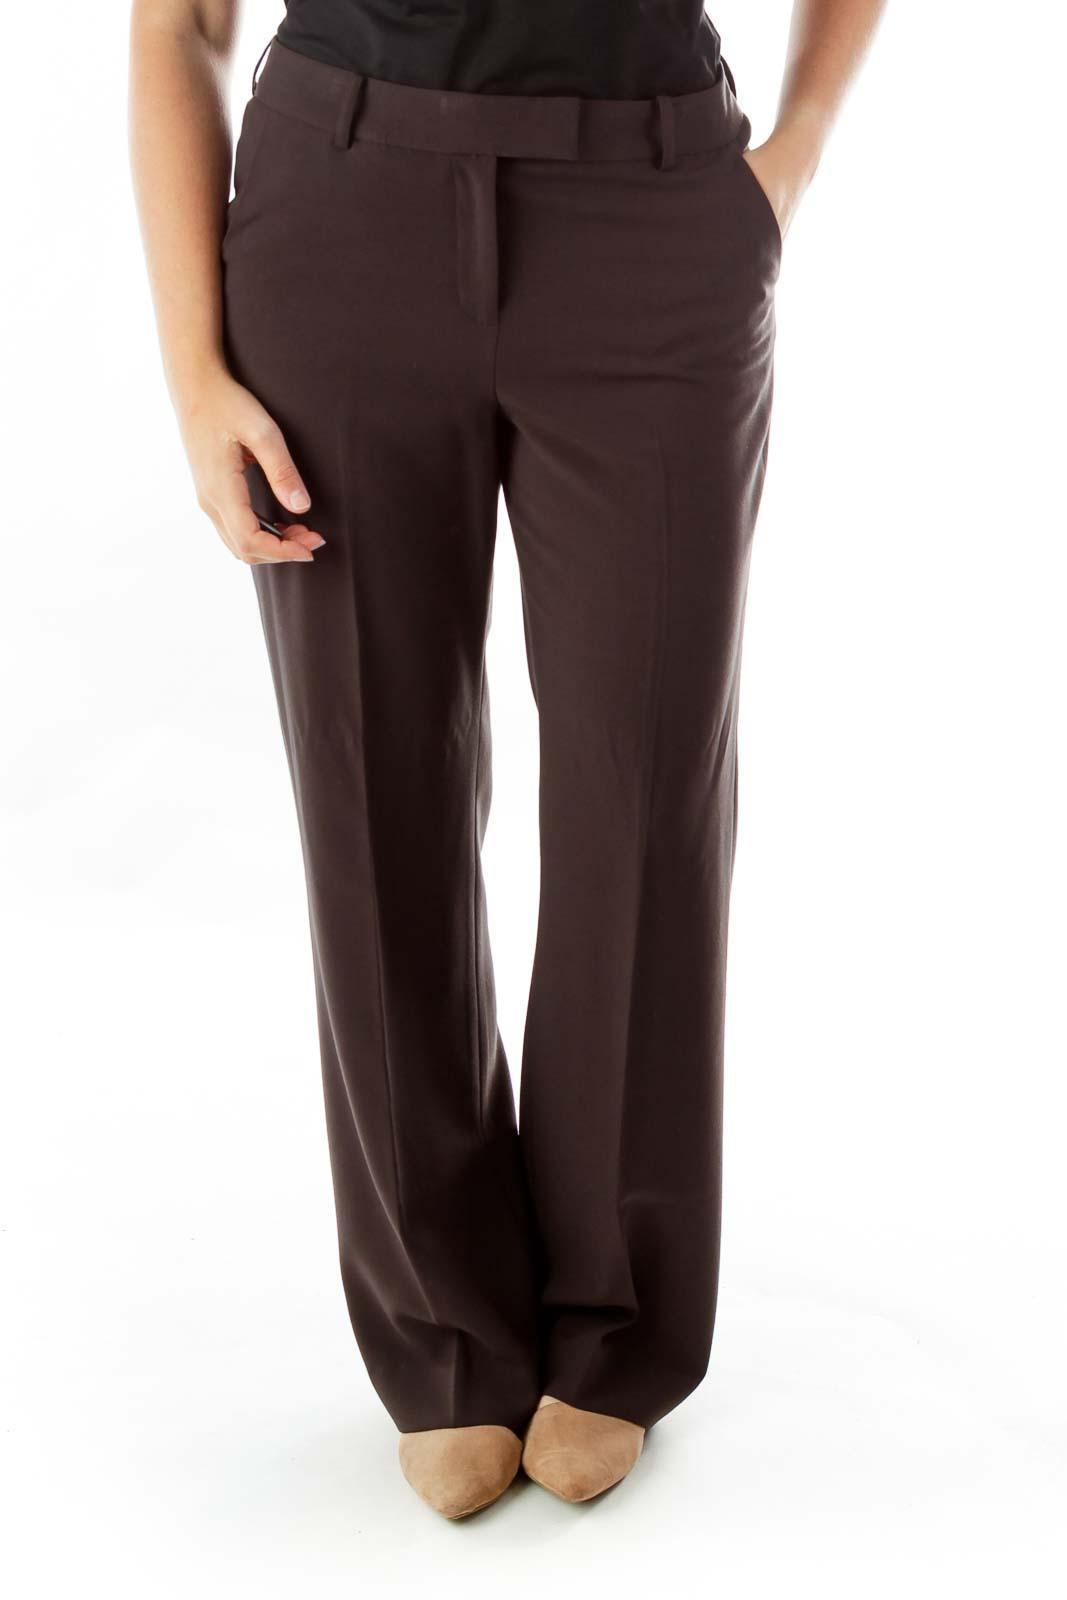 Brown Straight-Leg Slacks Front